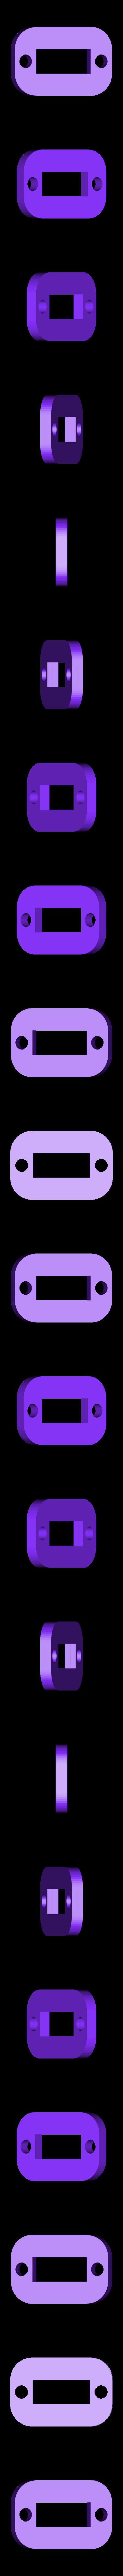 supp.UNI2mm.stl Download STL file SUPPORT lead UNI  • 3D printer template, MaxFlyerBresciani